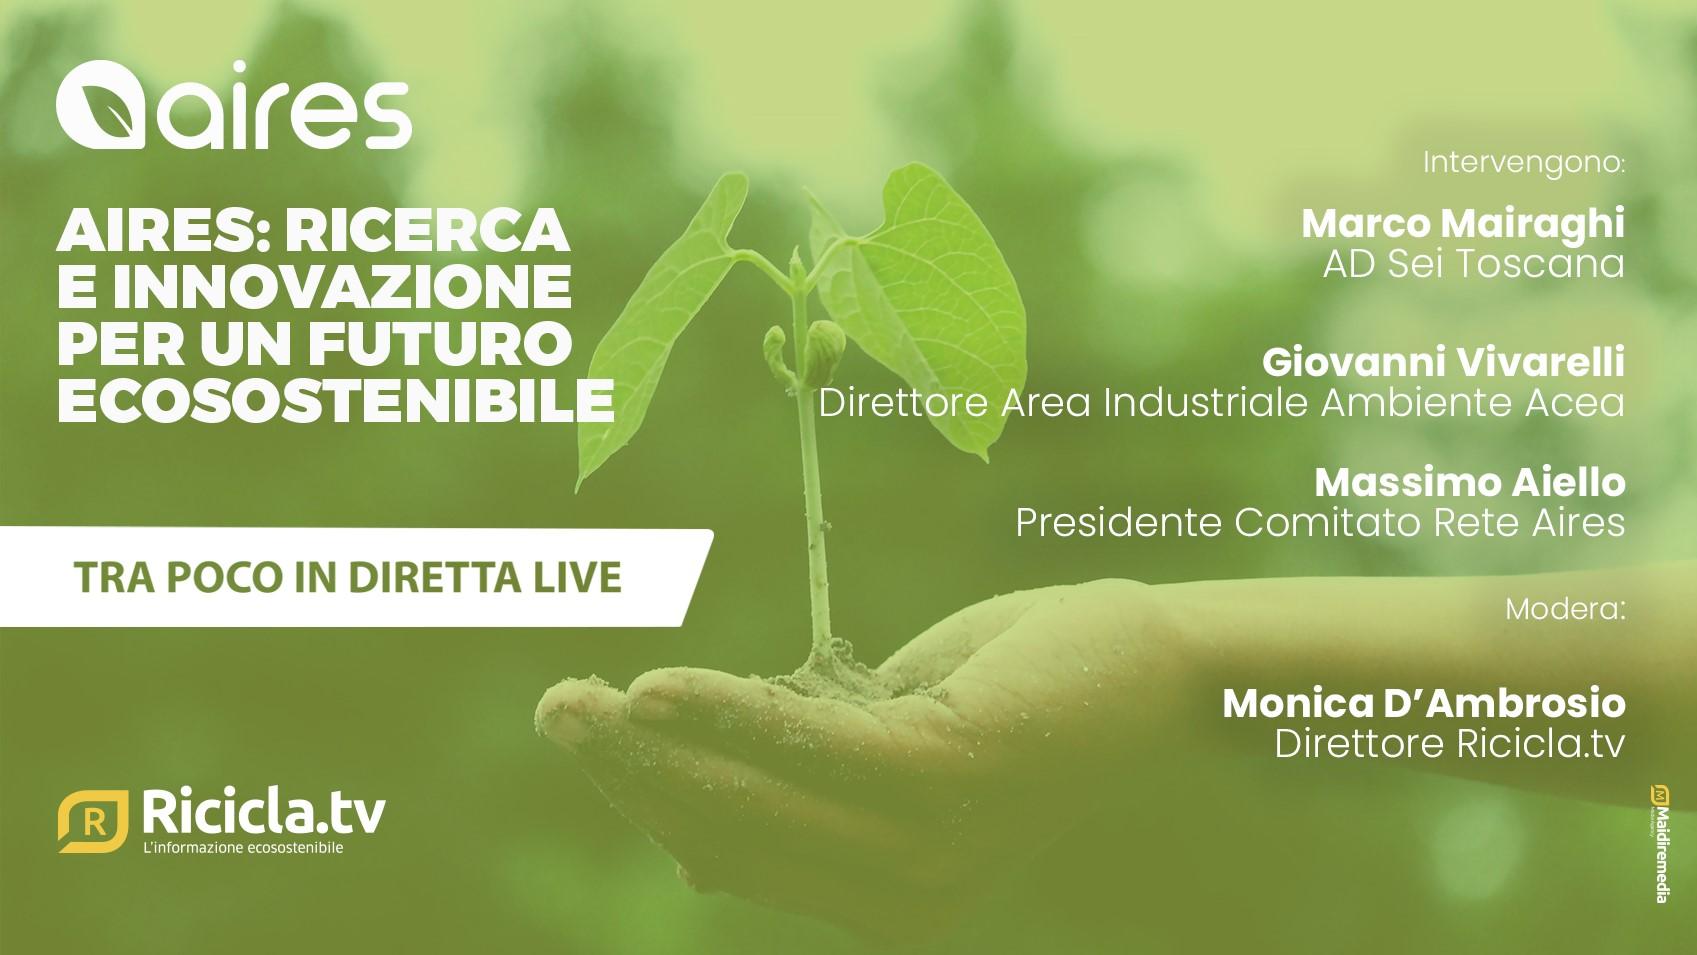 Ricerca e innovazione per un futuro ecosostenibile: Aires e Sei Toscana presentano tutti i progetti di green economy per il rilancio del sistema Paese